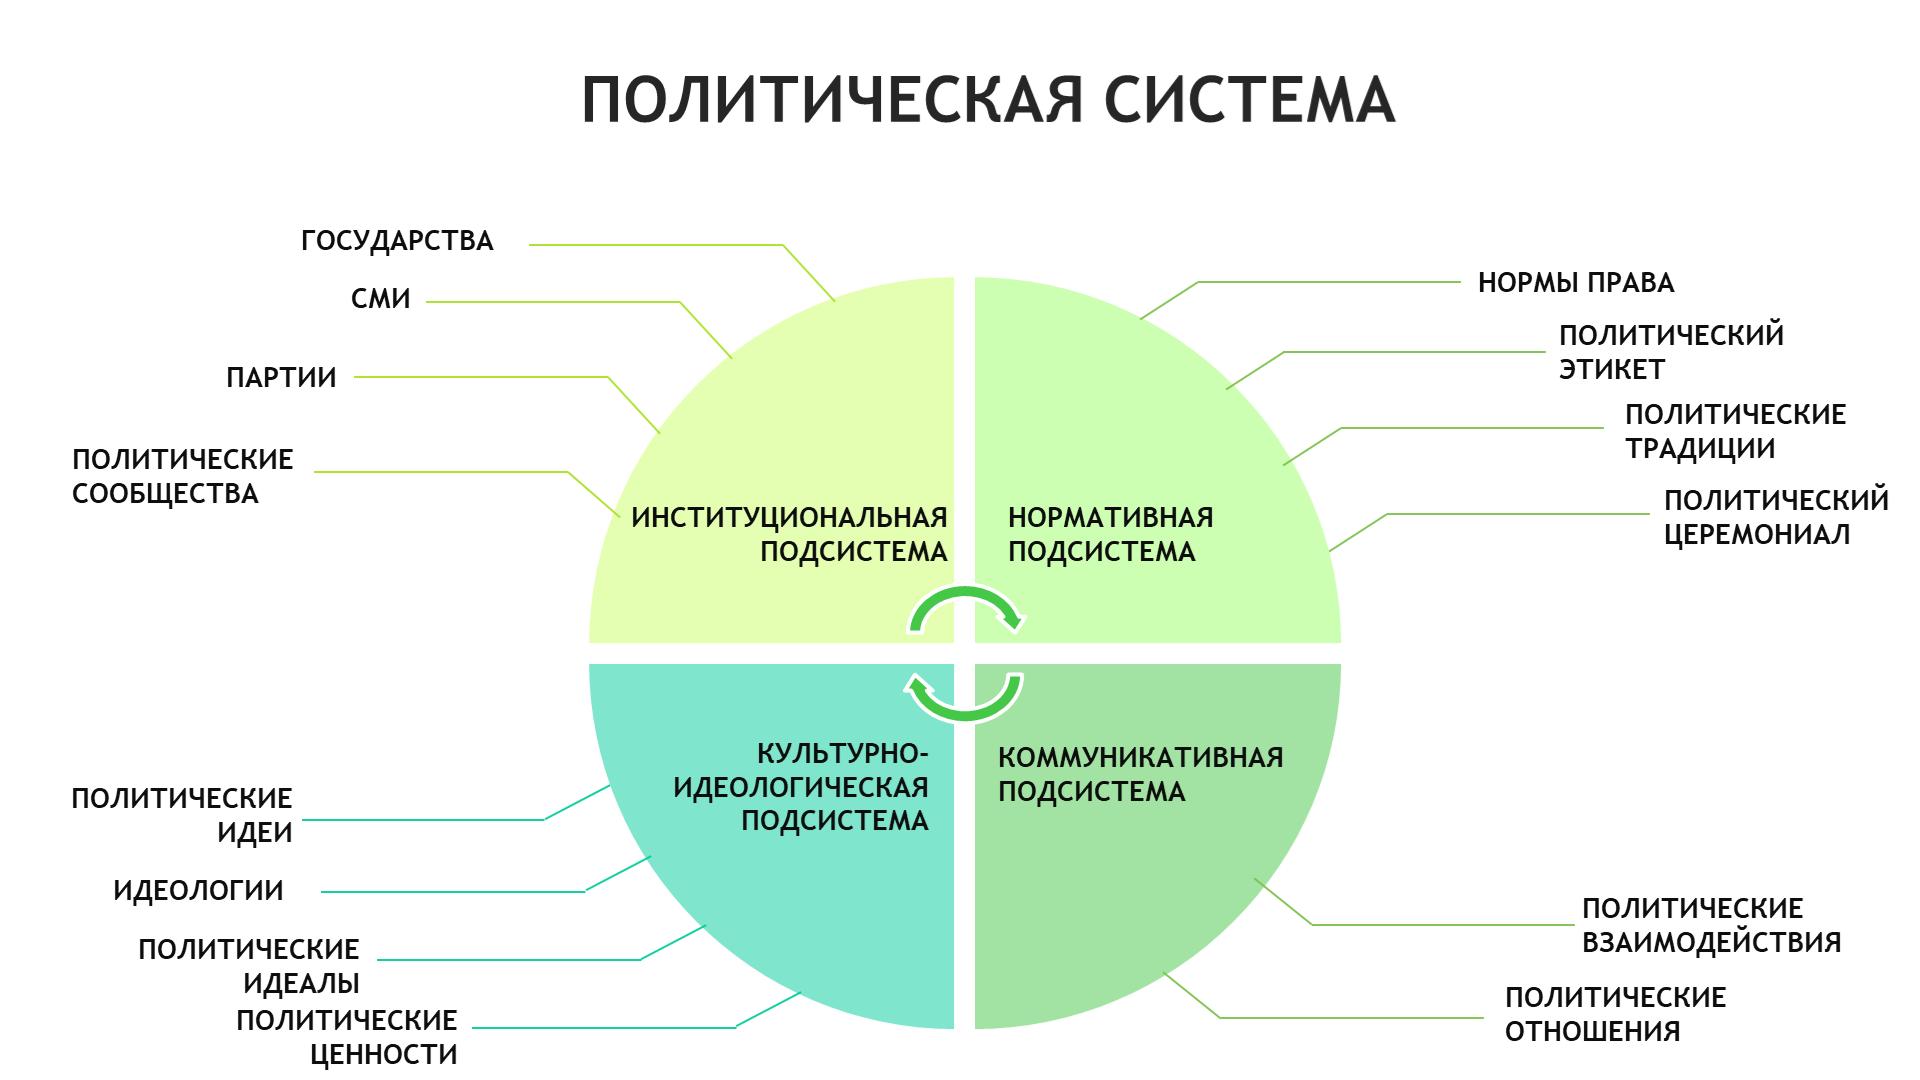 1. Политическая система